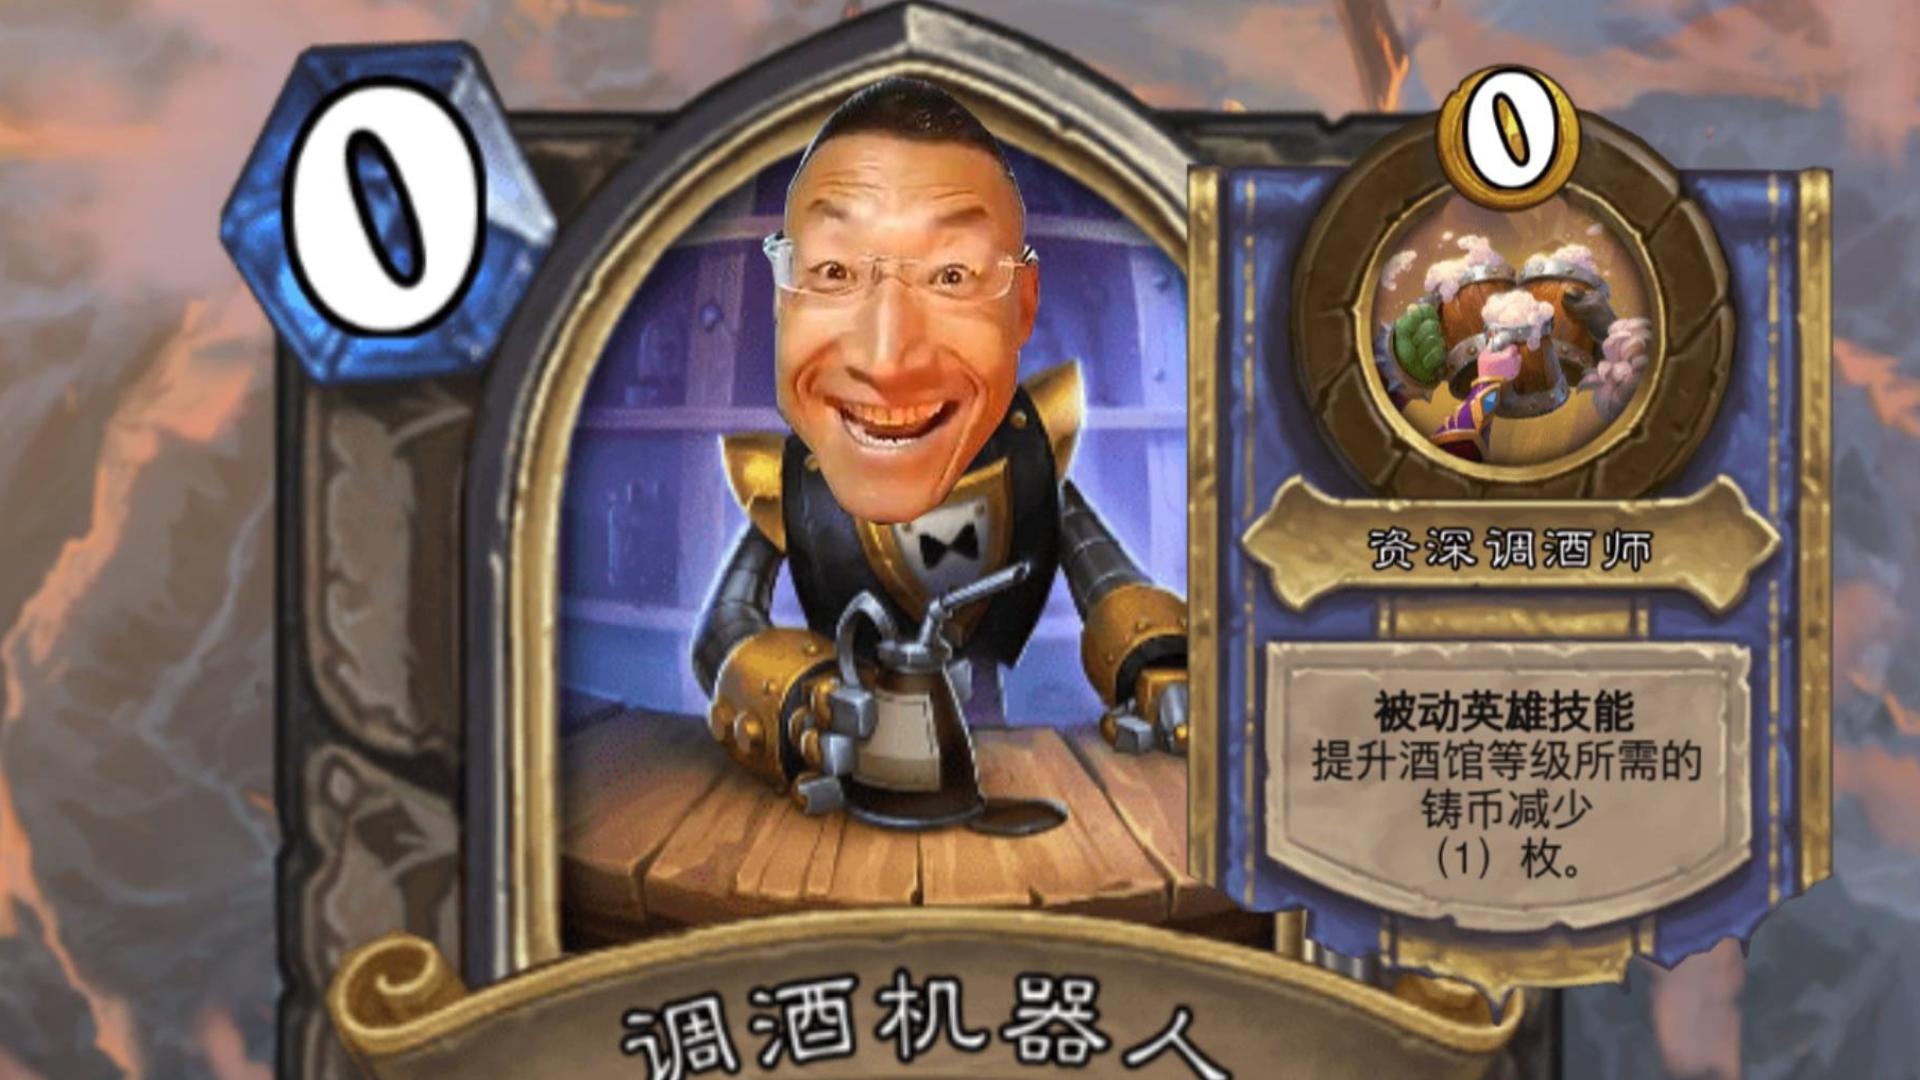 【炉石传说】天梯萨满削弱!战棋机器人回归!.MP4